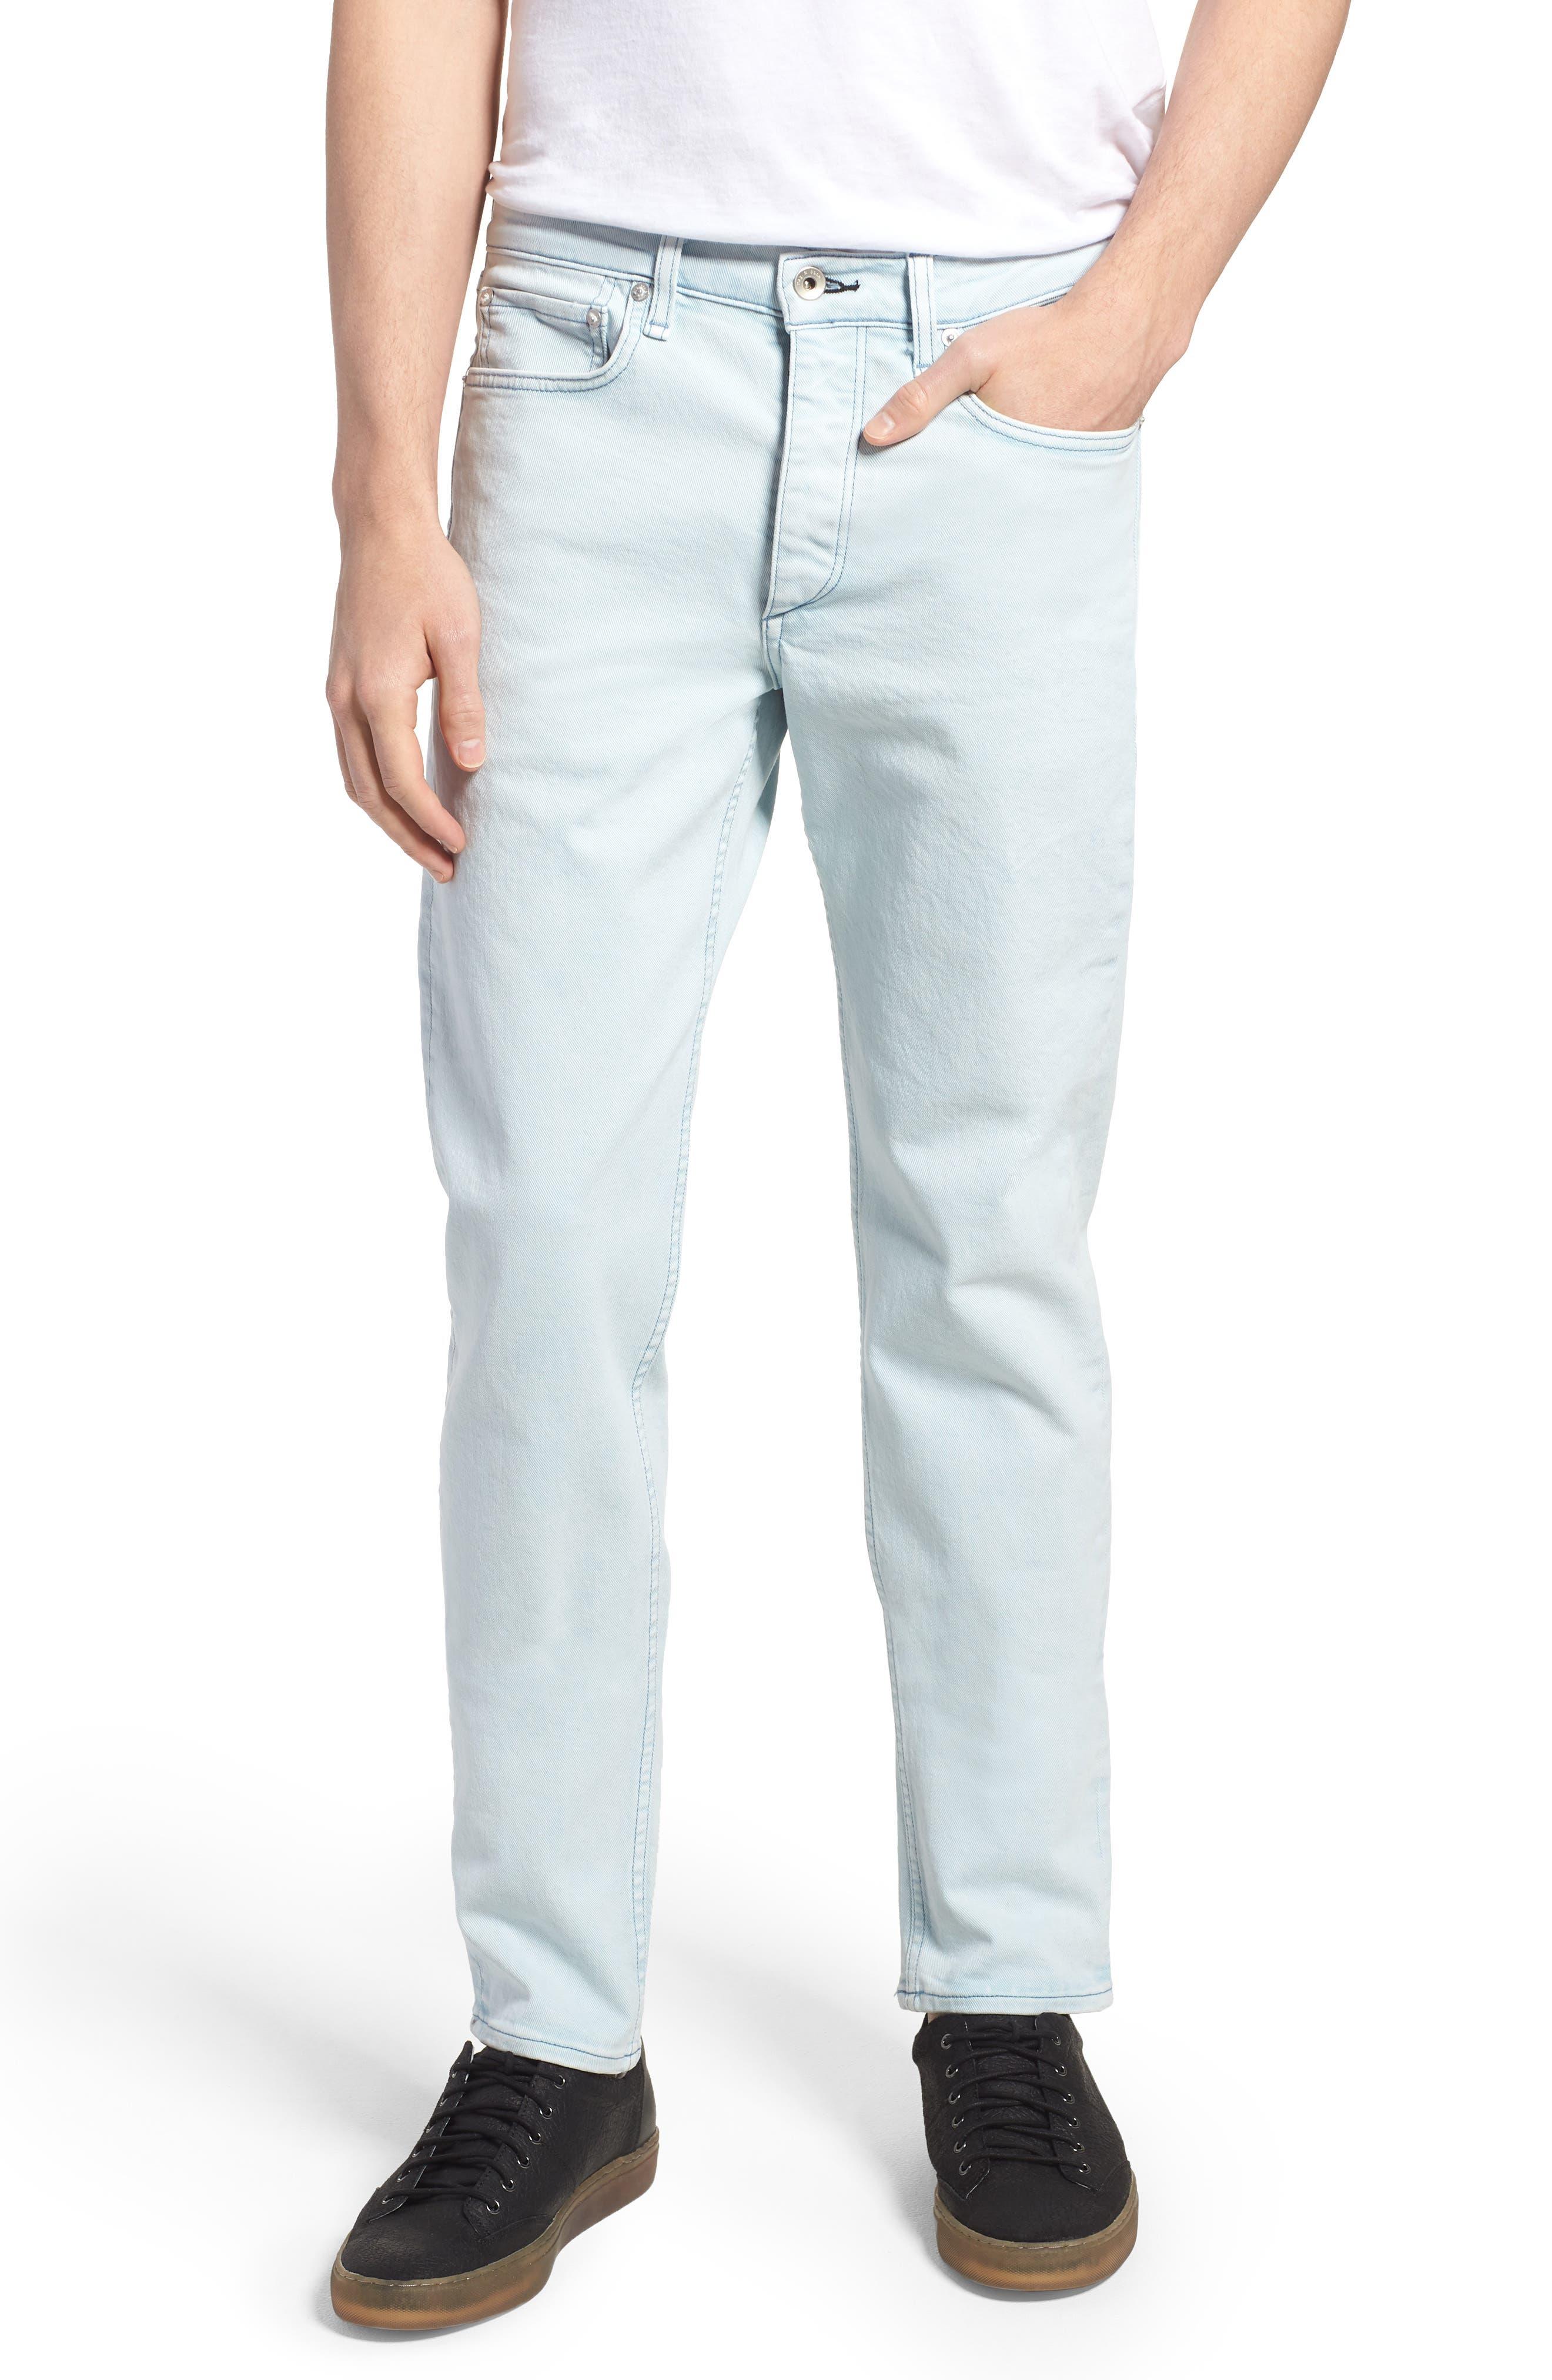 Fit 2 Slim Fit Jeans,                         Main,                         color, Light Blue Pigment